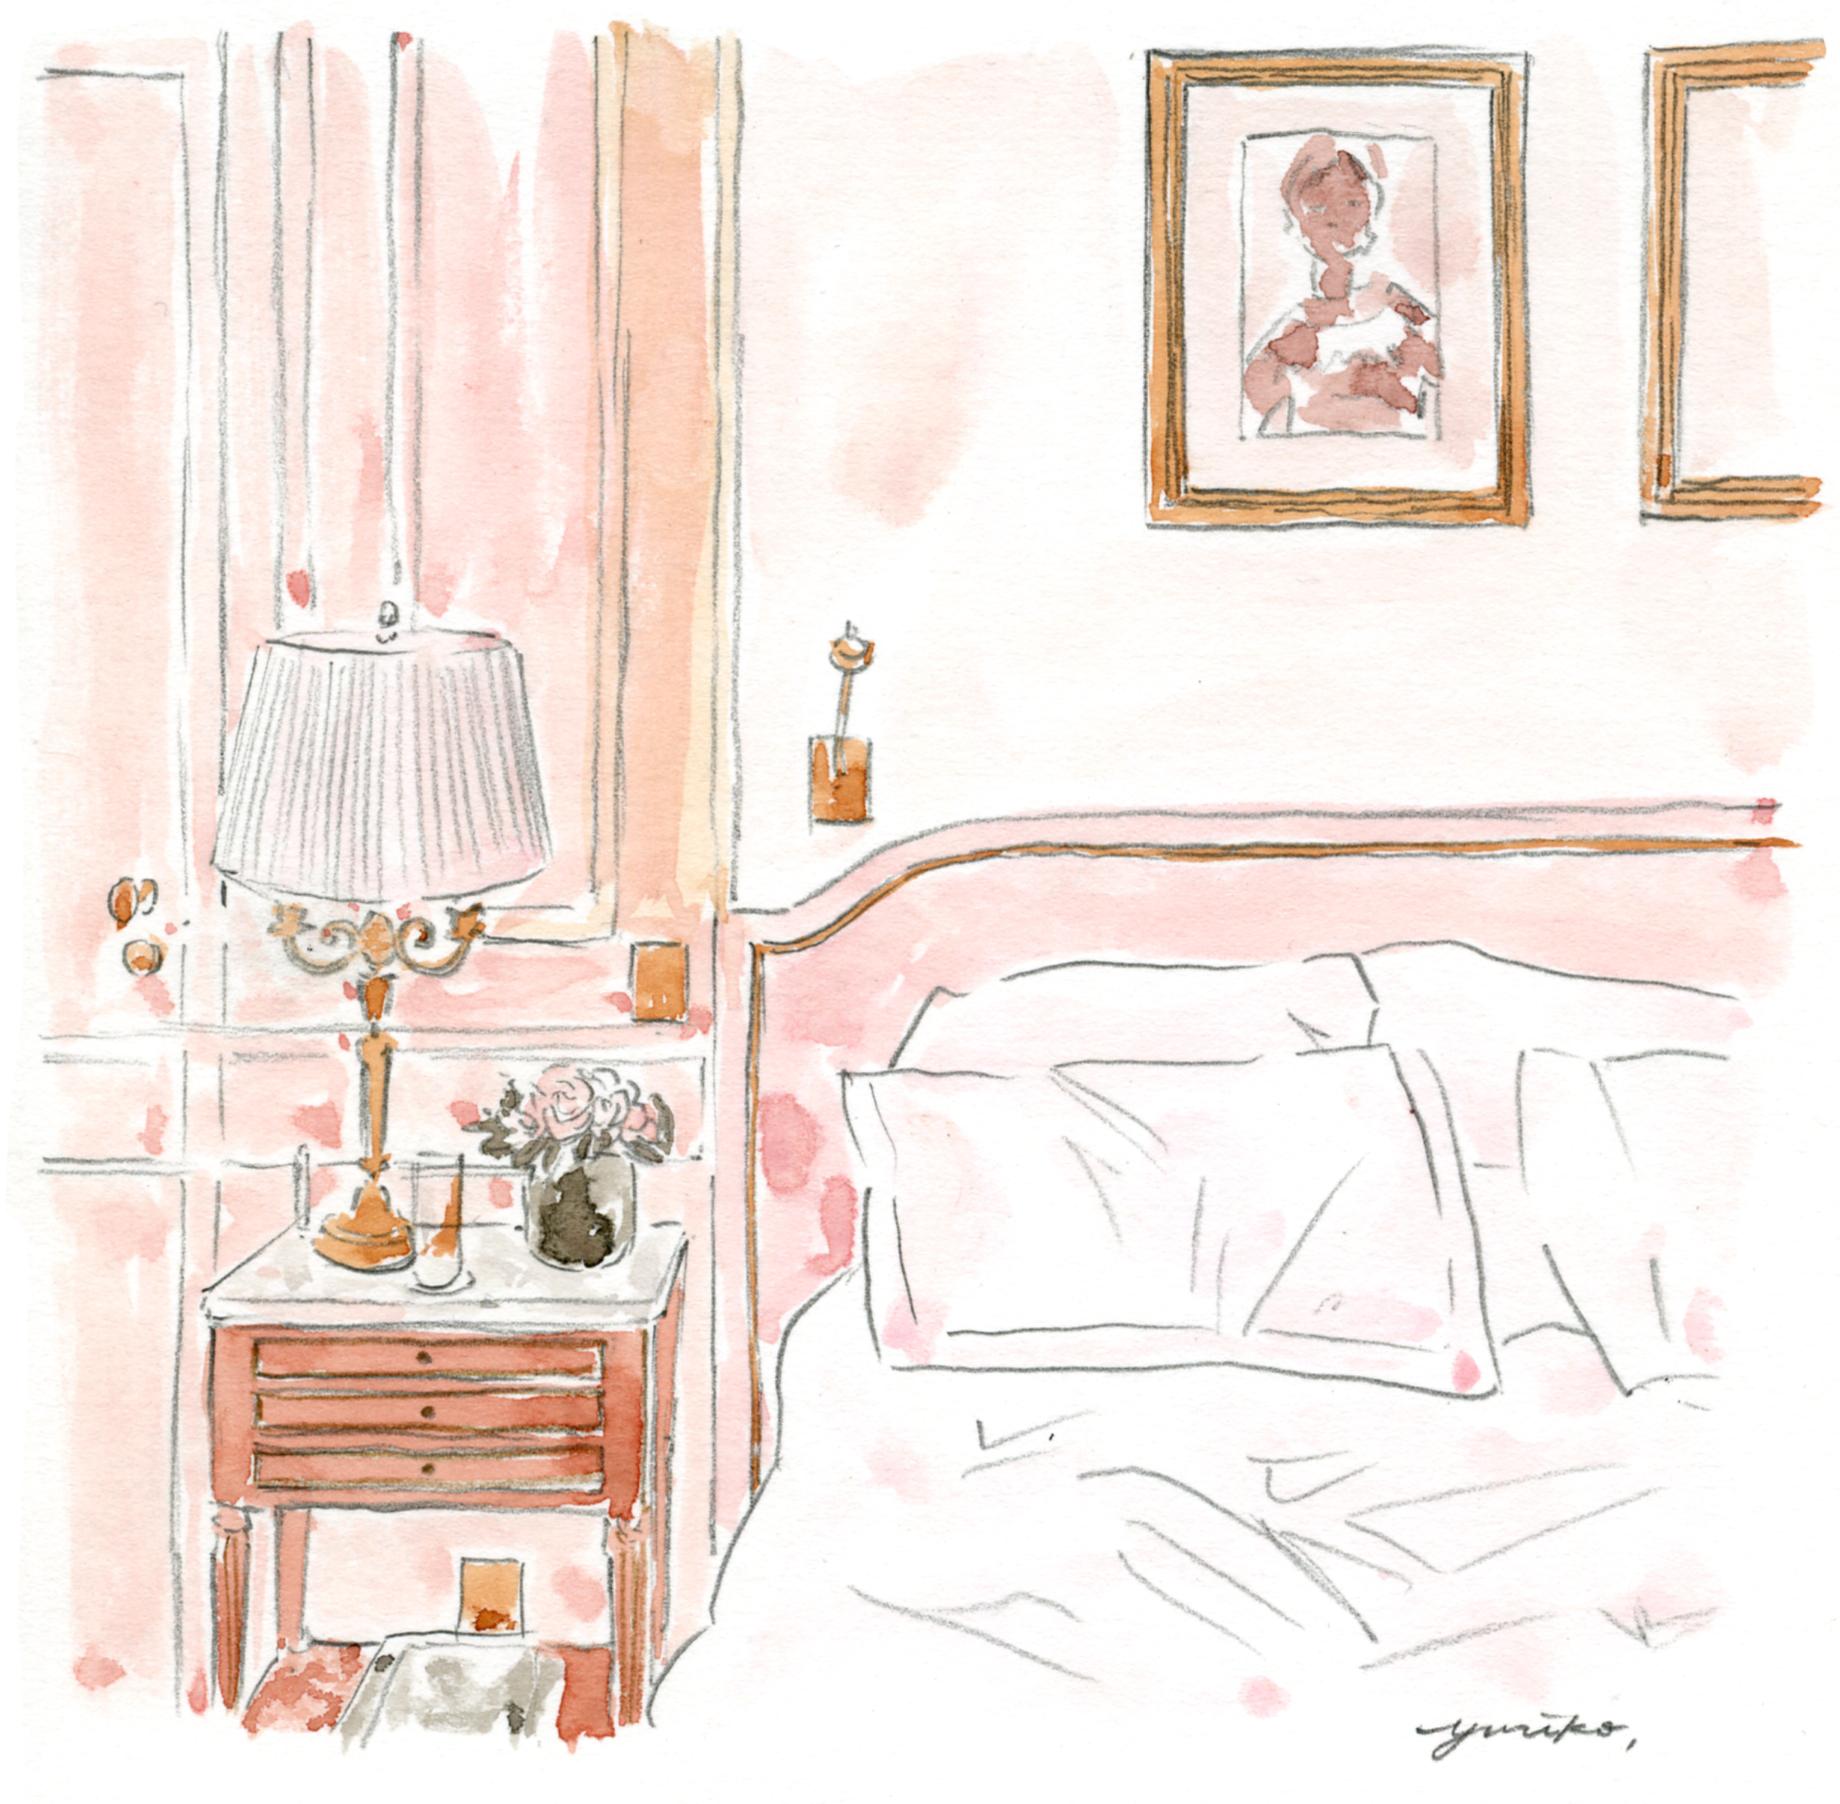 hotel_ritz_illustration_yurikooyama_roomdeco.png